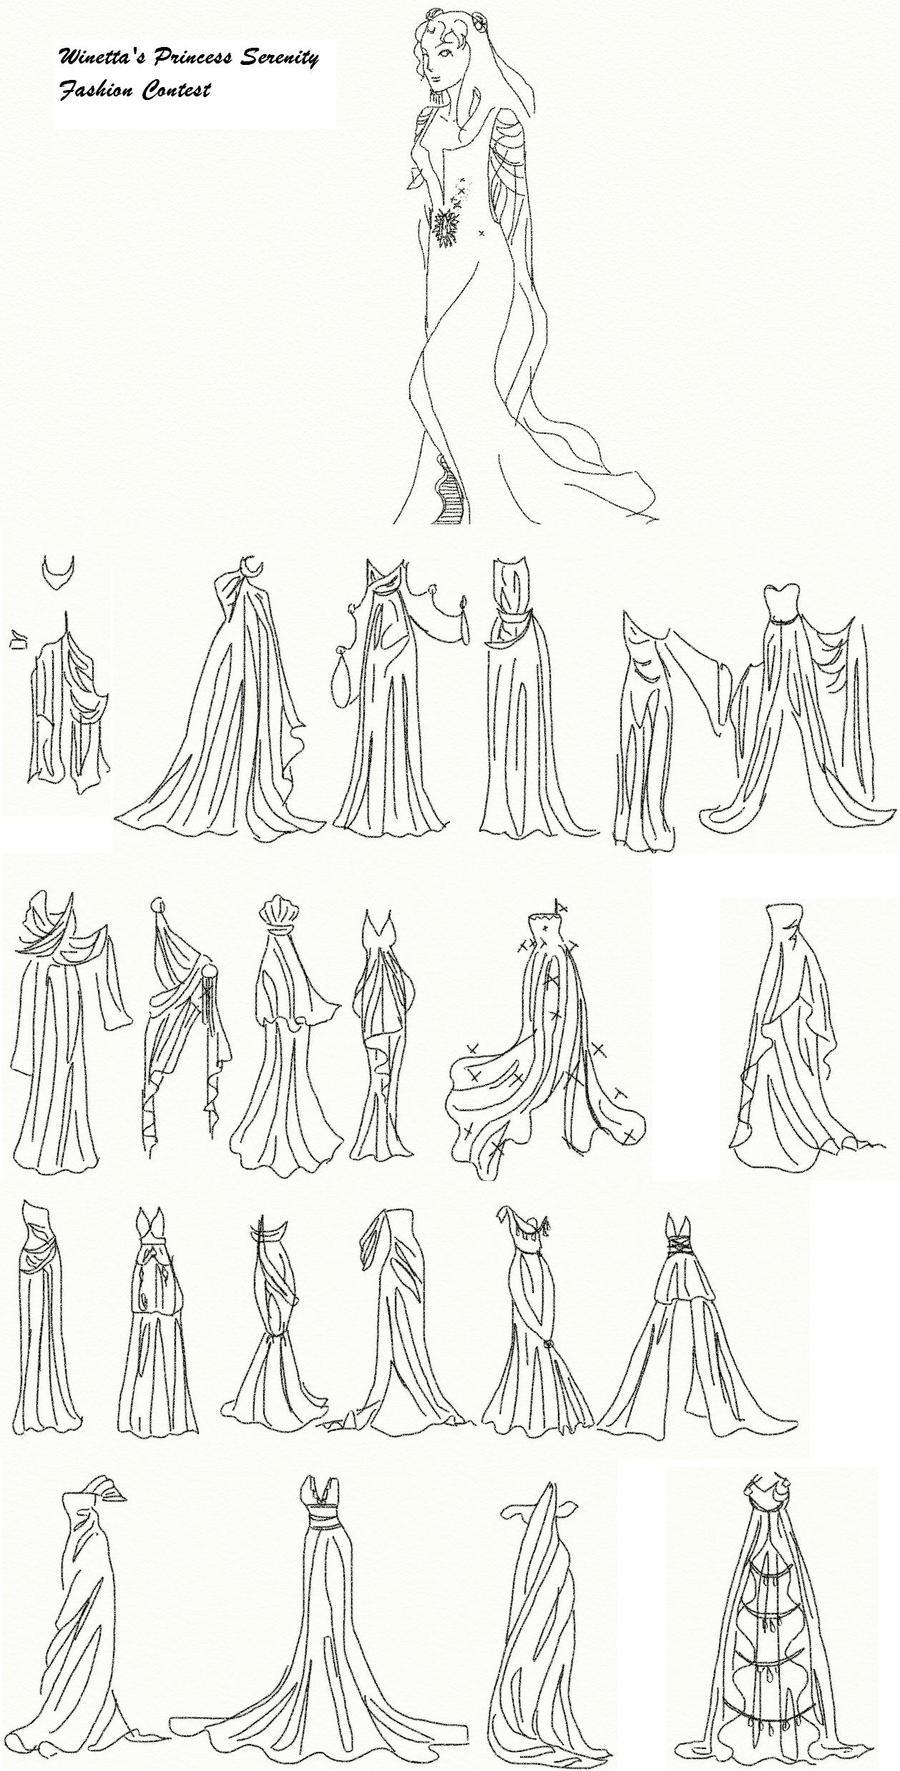 Winetta's Fashion Contest 19 by anelphia